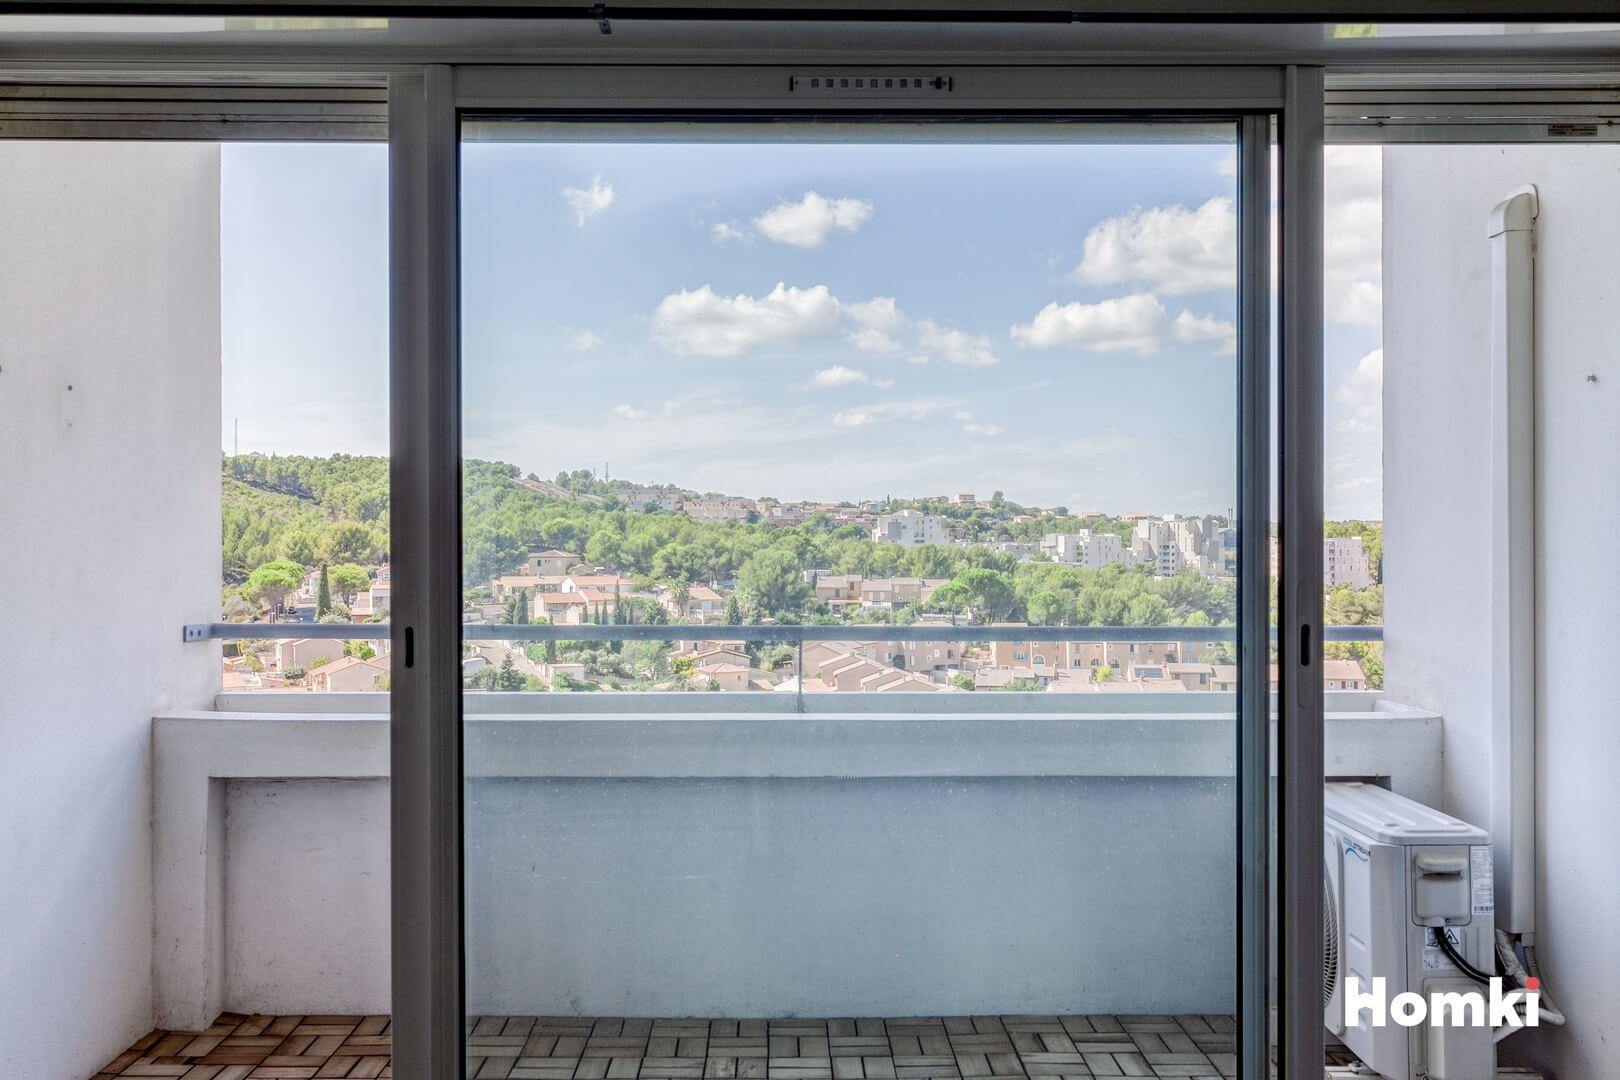 Homki - Vente Appartement  de 78.18 m² à Martigues 13500